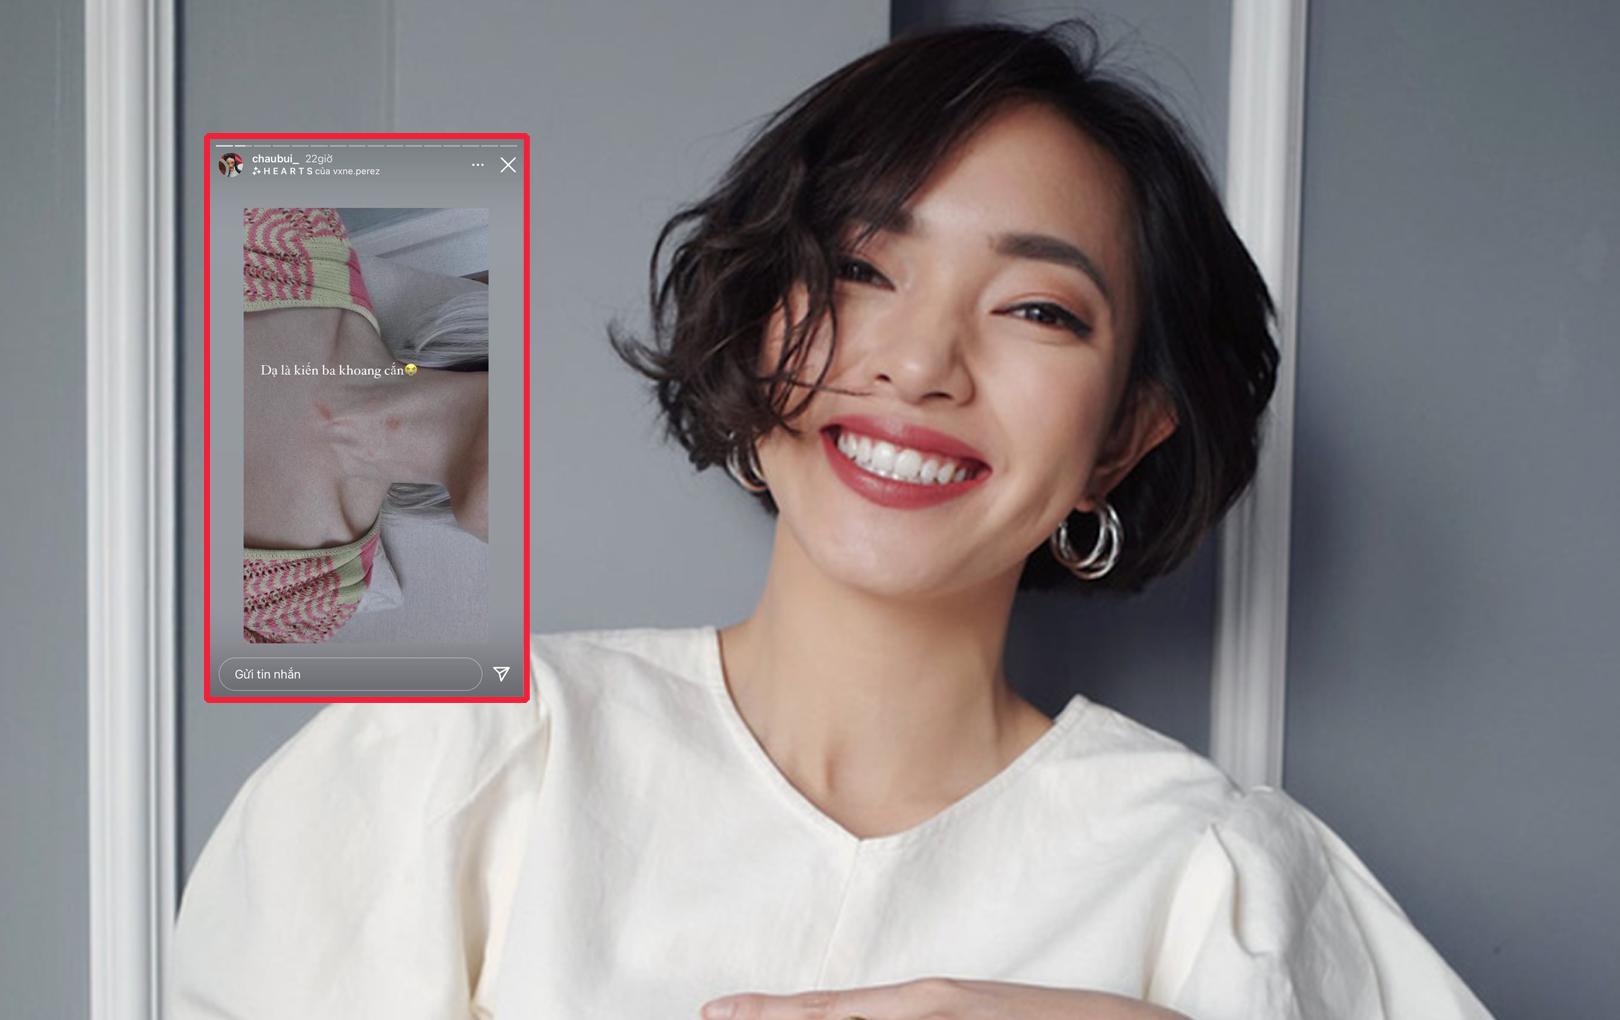 """Châu Bùi phải vội thanh minh khi bị netizen """"nghi vấn"""" vì cổ xuất hiện vết cắn lạ"""